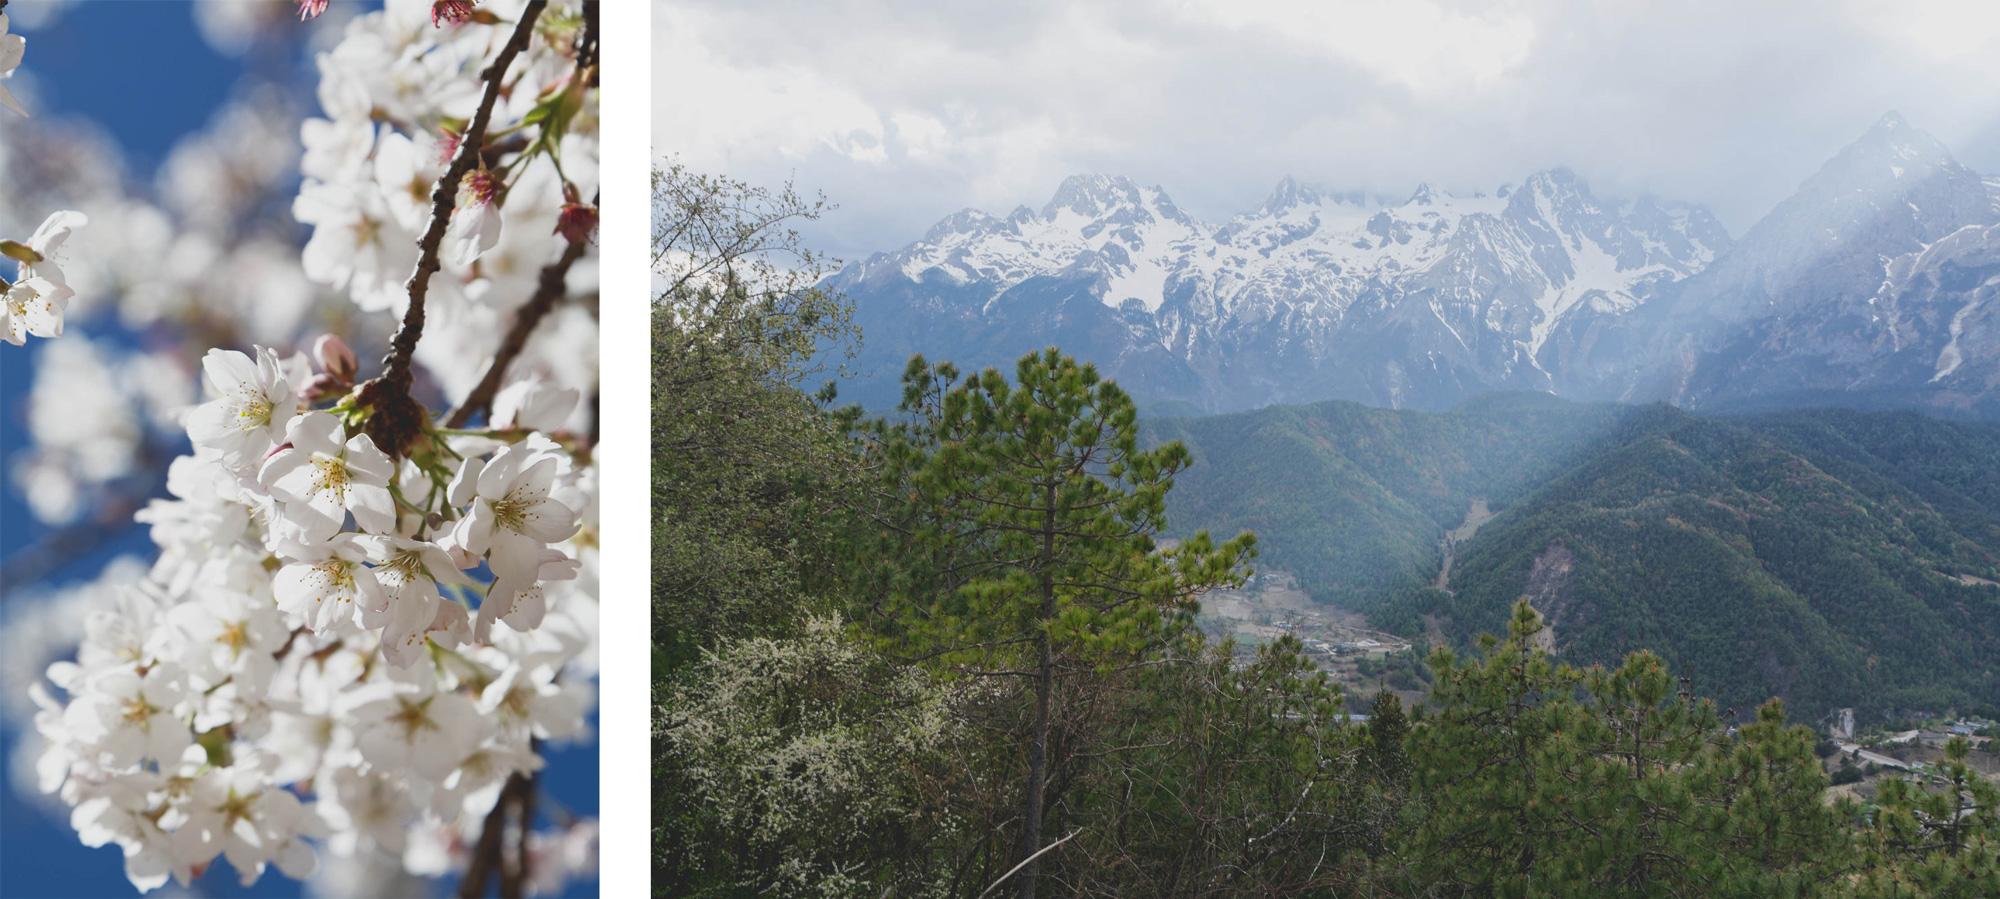 Fleurs de cerisier, montagnes et forêts